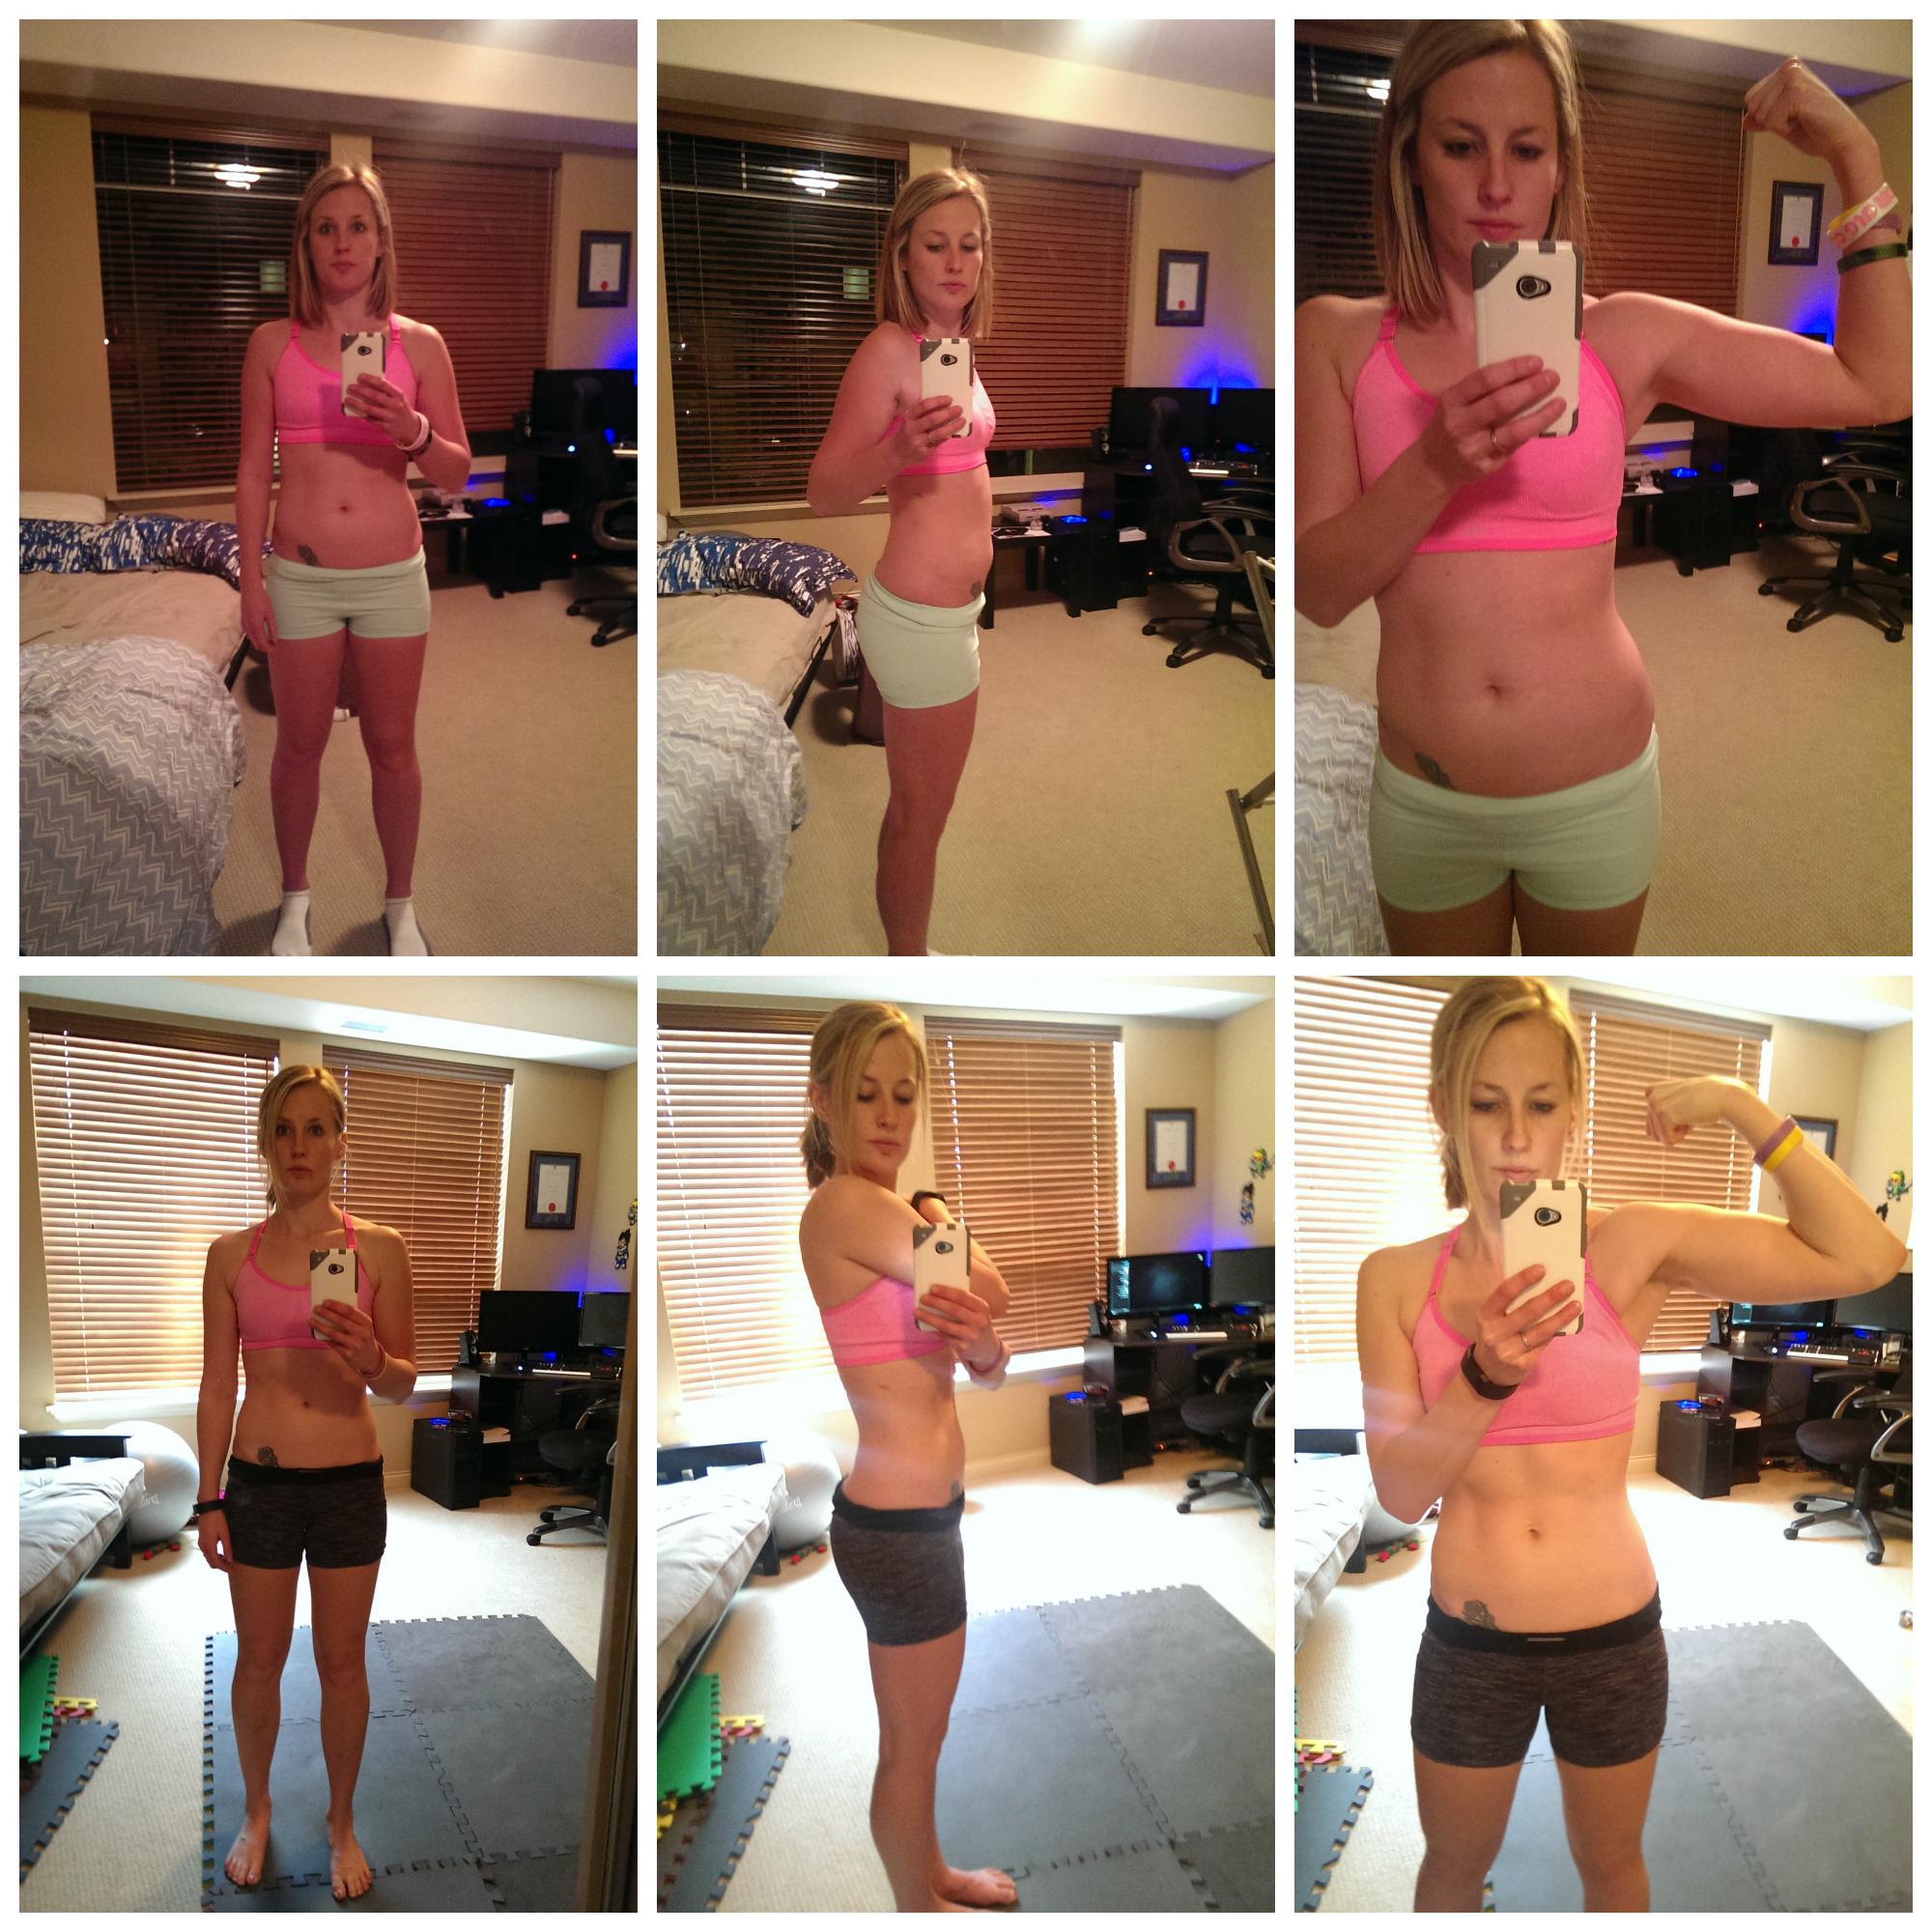 Untoned Stomach Vs Toned fat or un-toned muscleUntoned Stomach Vs Toned